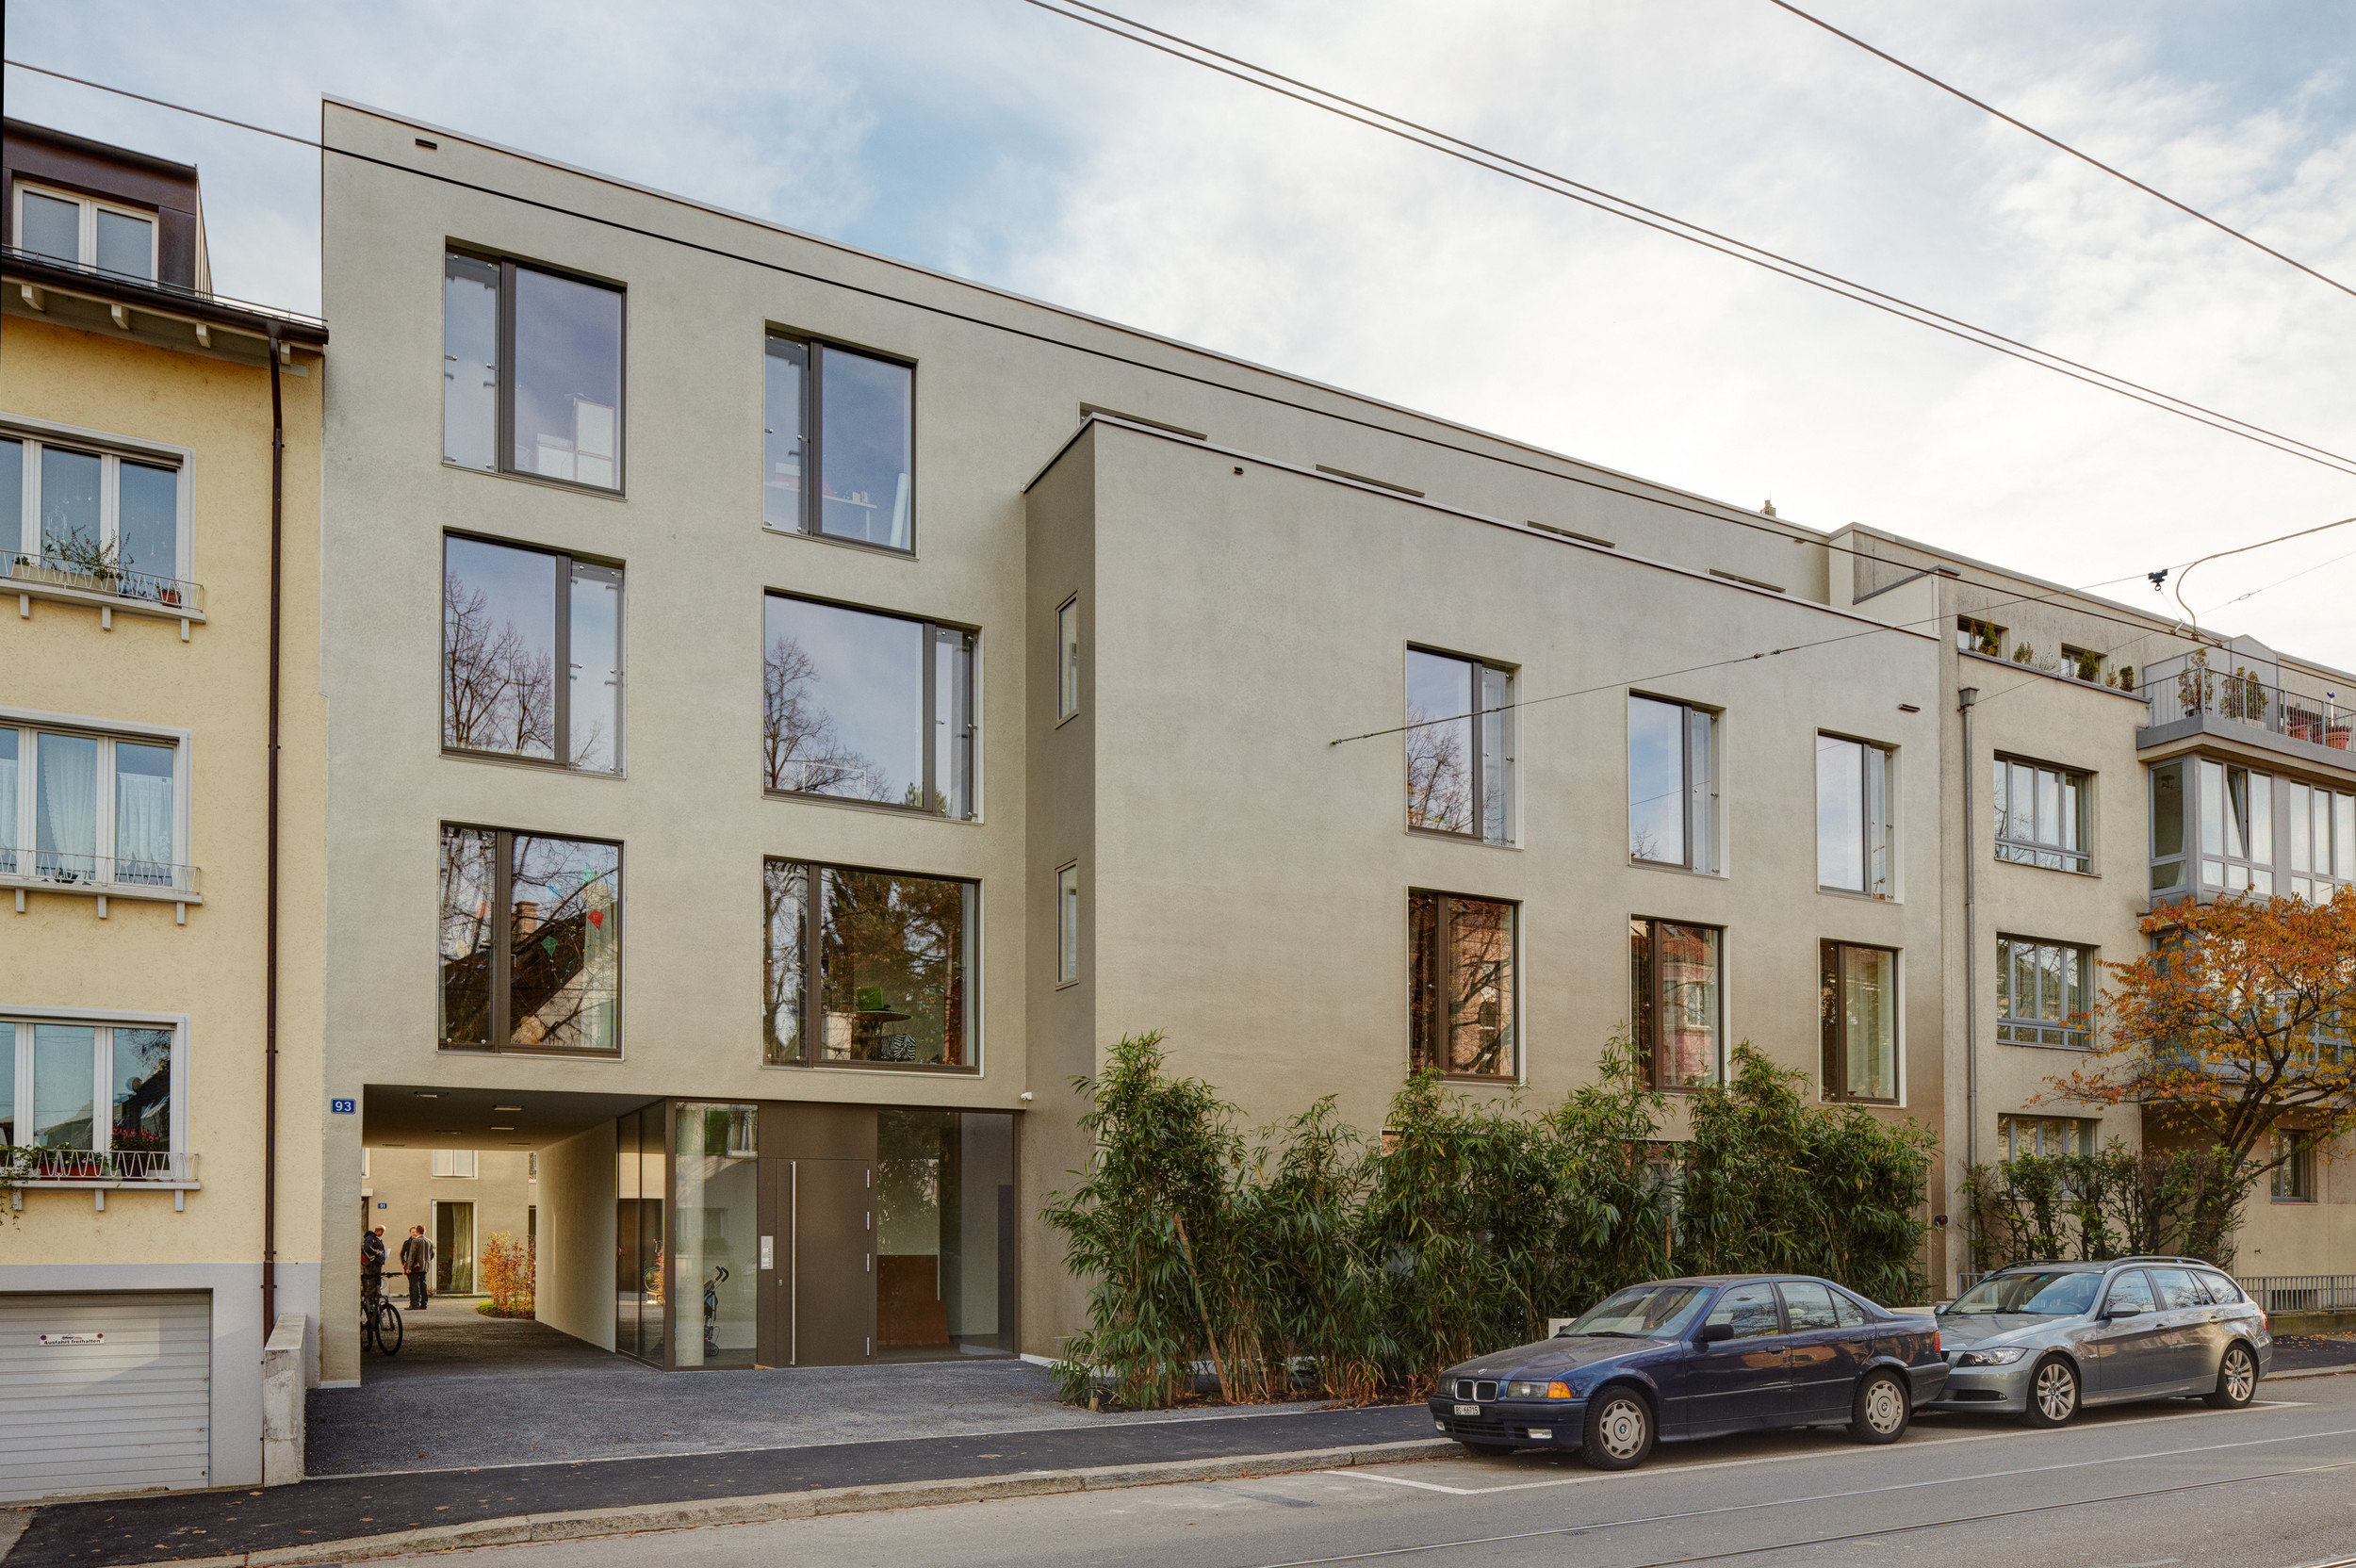 Eingang zu 4-stöckigem Beton-Wohnblock mit grossen Schallschutzfenstern